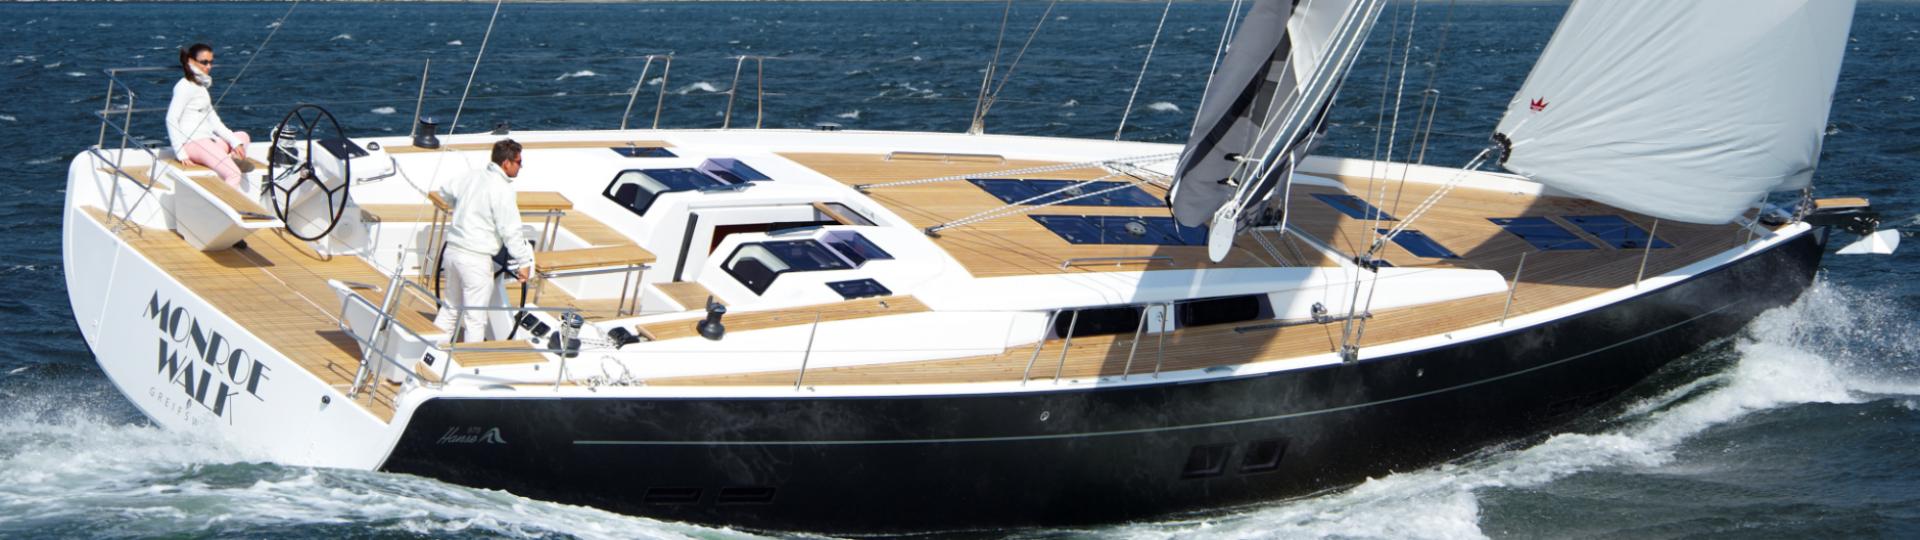 Segelyachten luxus  Yachtcharter und Segelurlaub | BlueSun Yachts